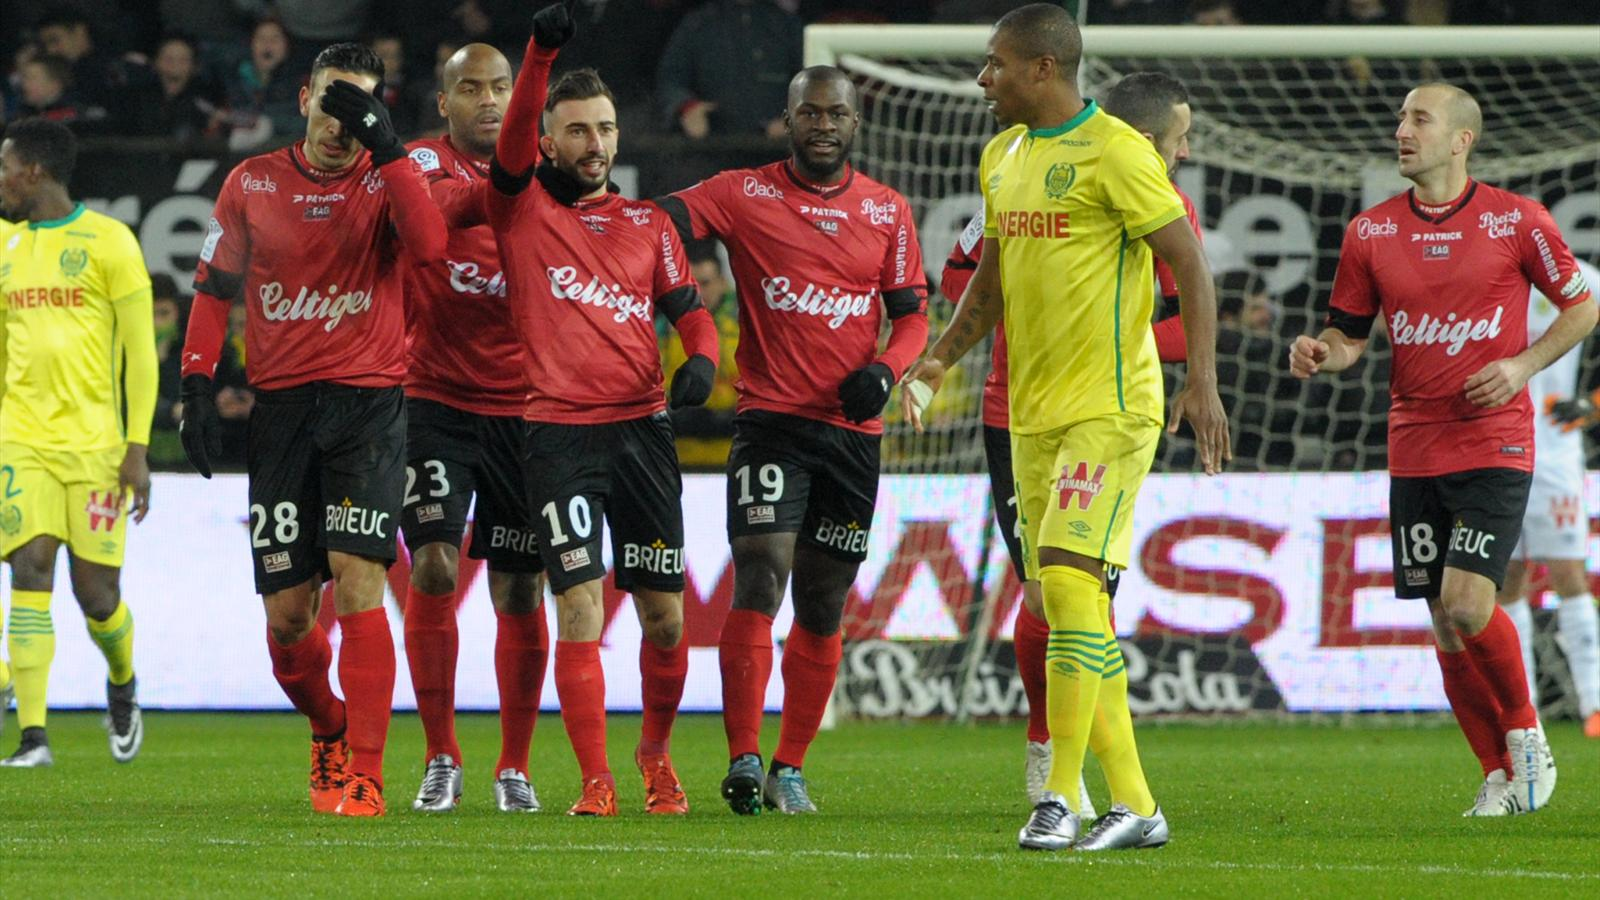 EN DIRECT / LIVE. En Avant Guingamp - FC Nantes